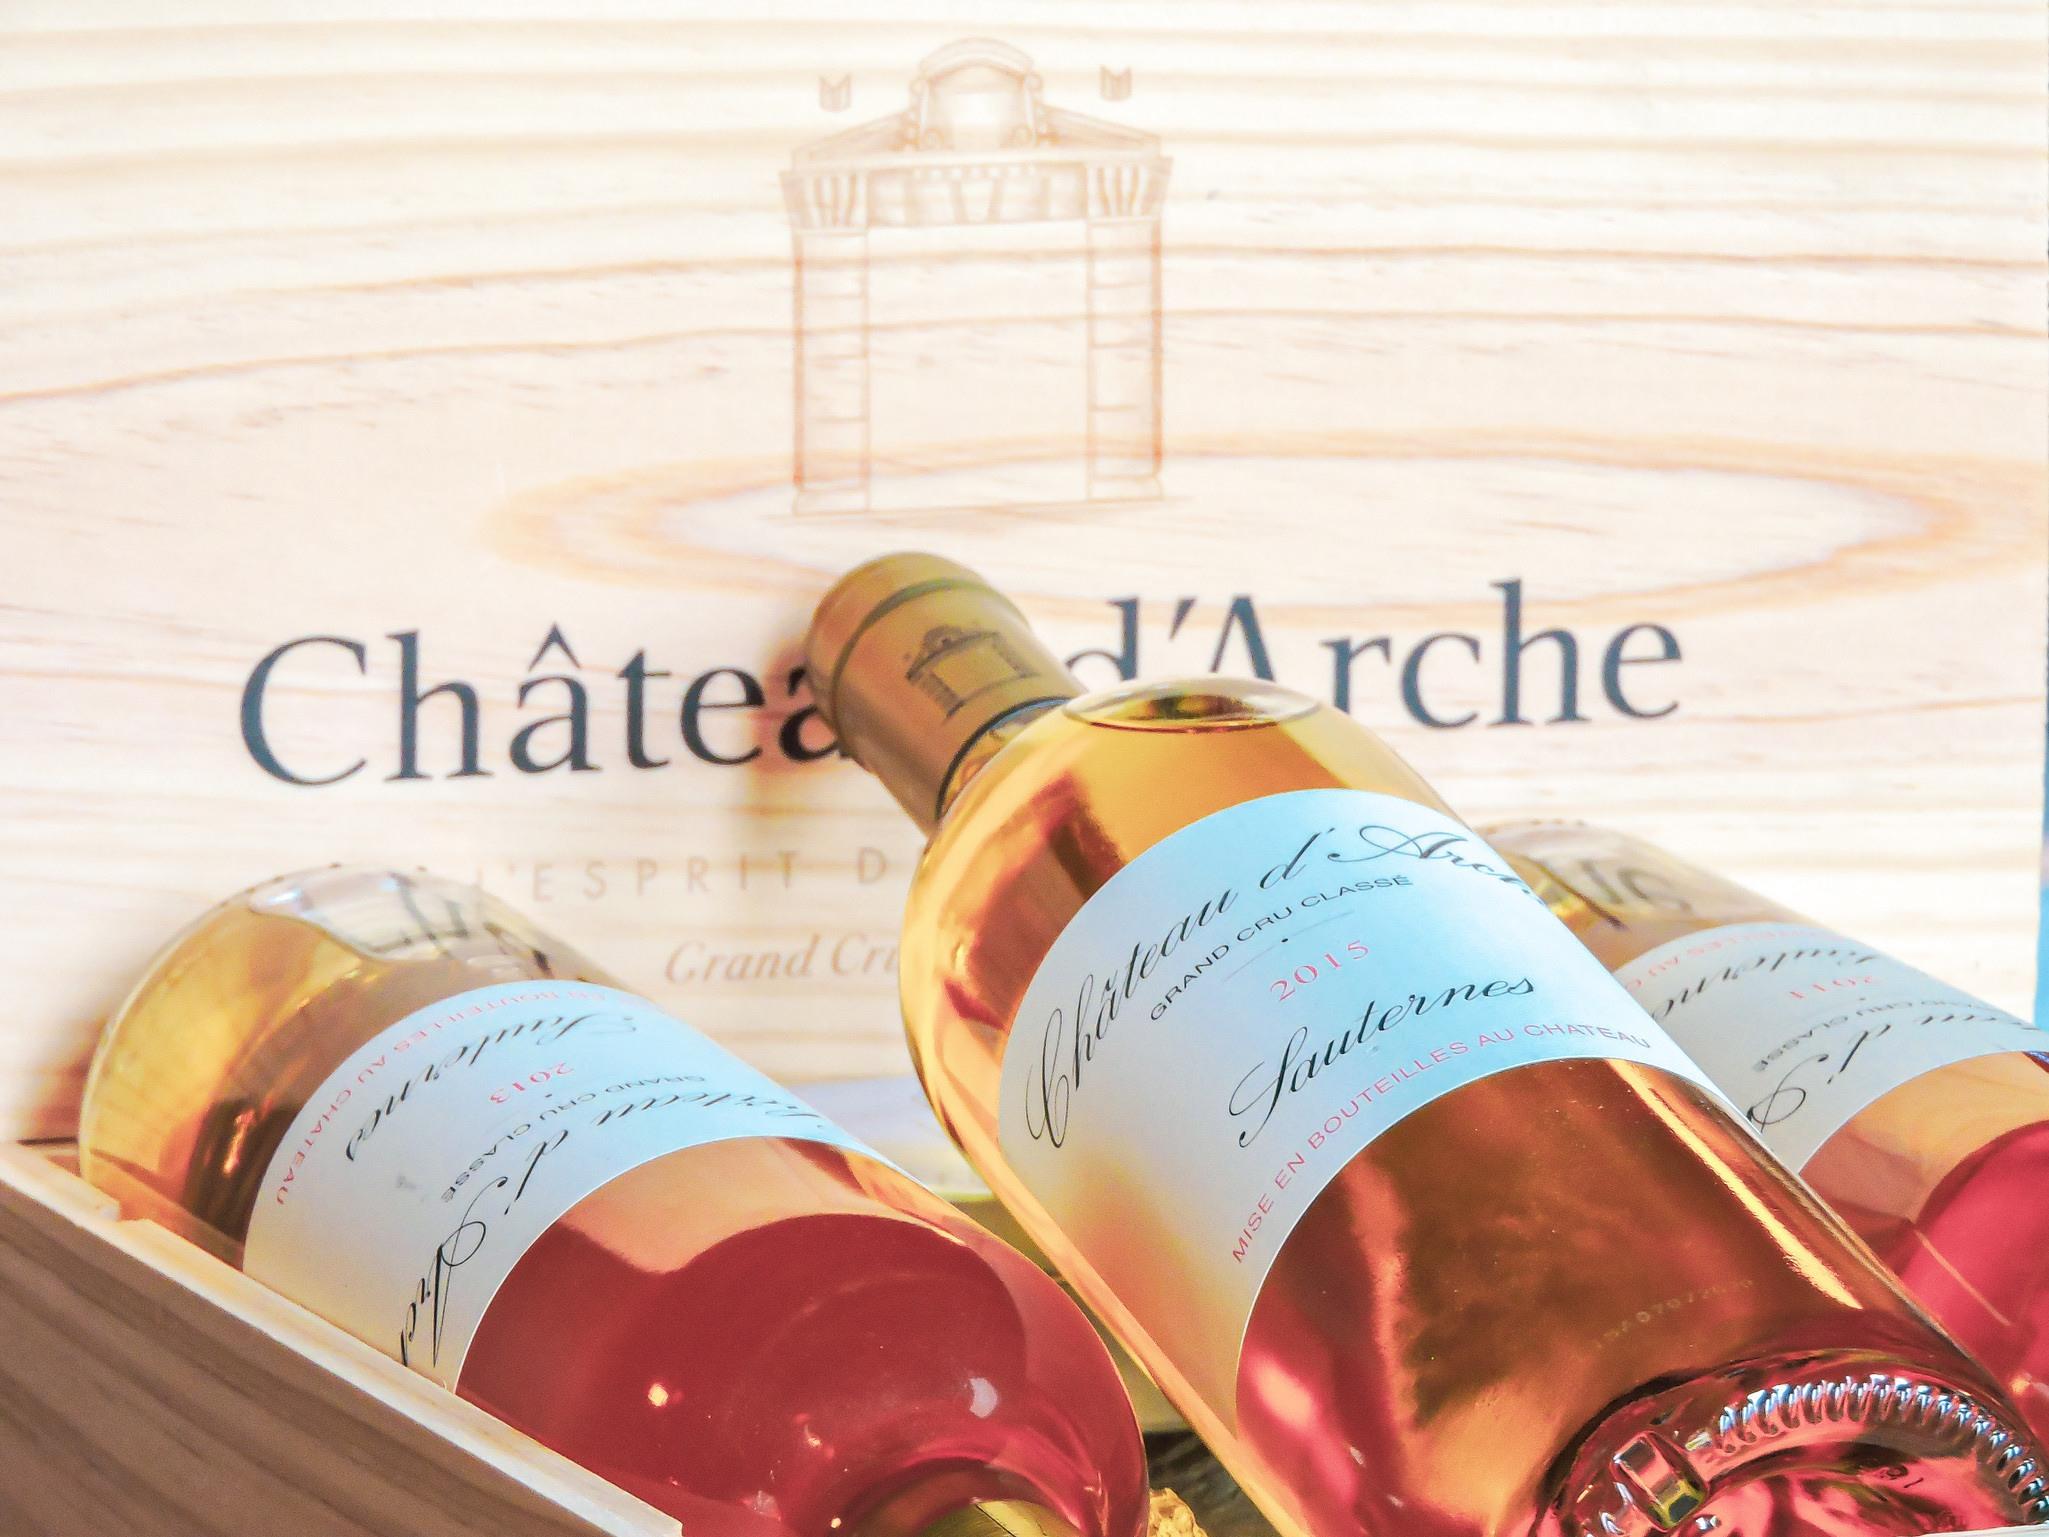 Château d'Arche 2015 - Chateau d'Arche